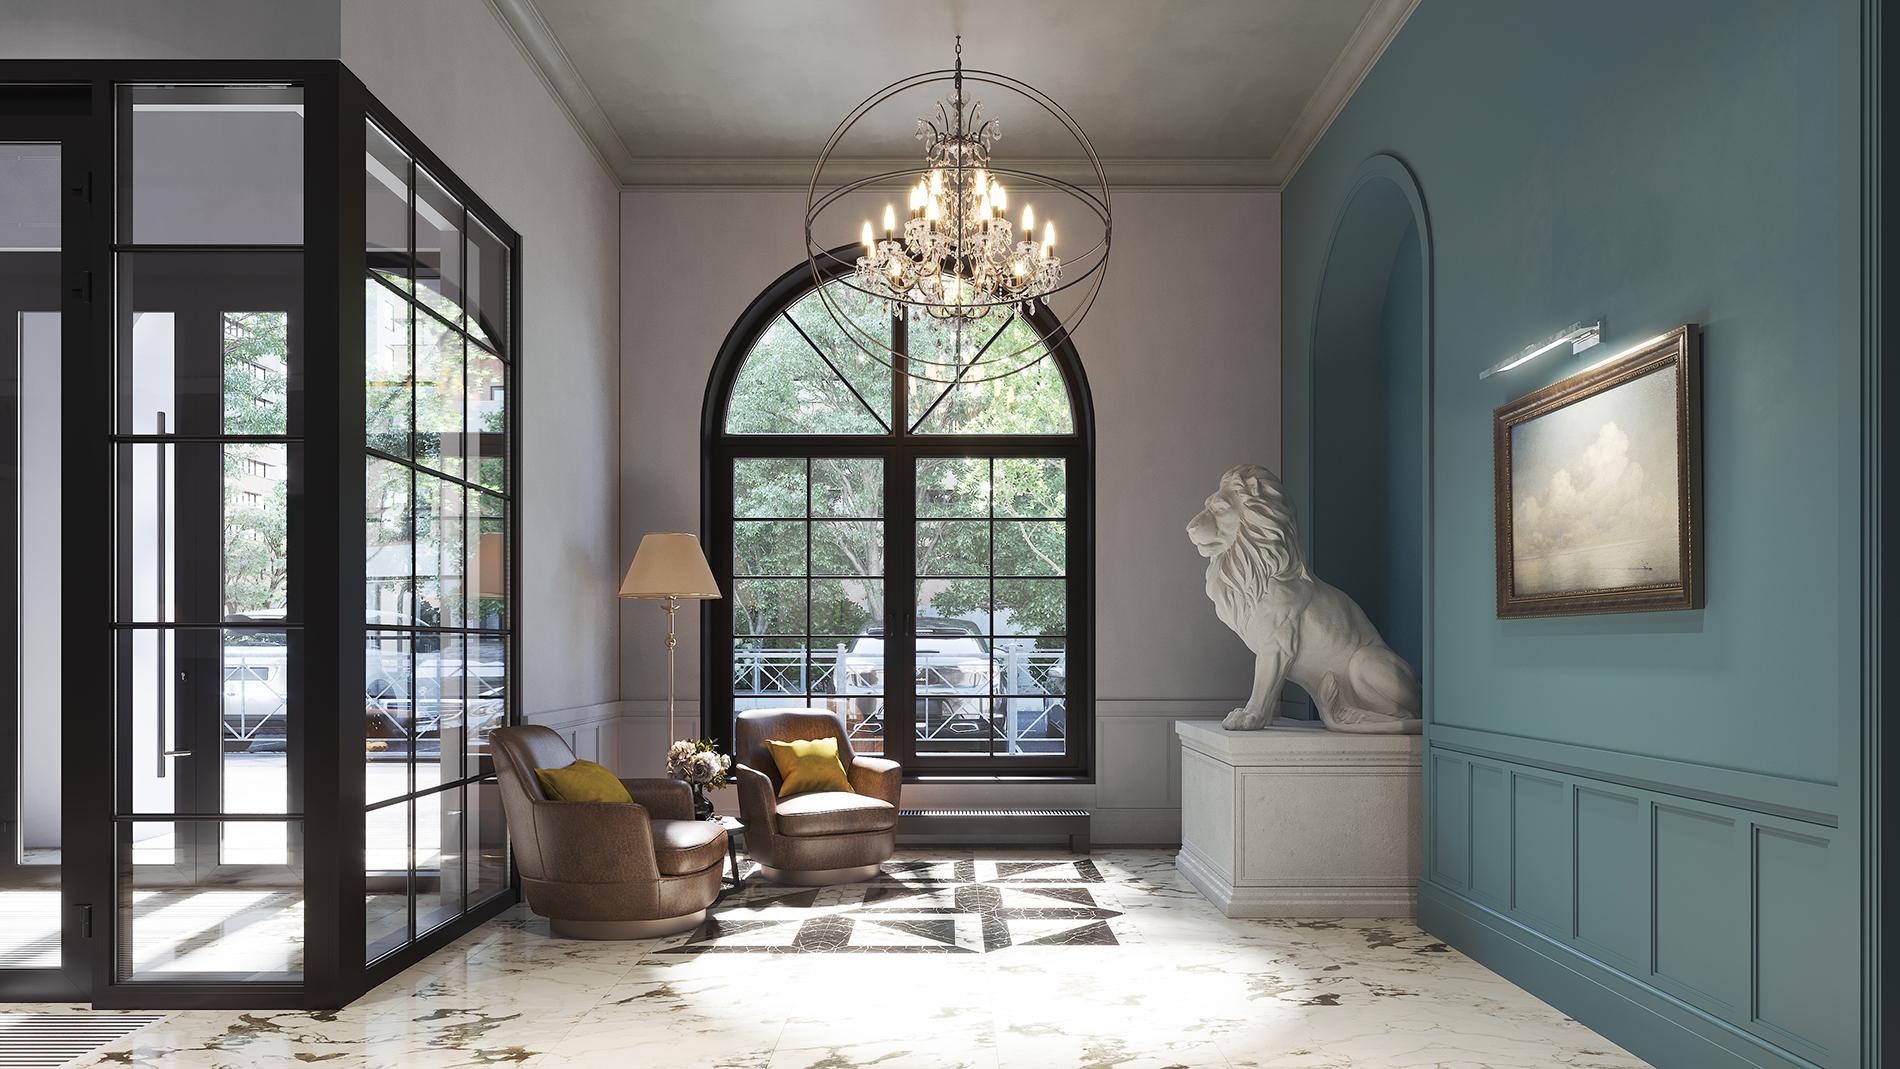 Главное украшение парадного вестибюля — классическая скульптура льва